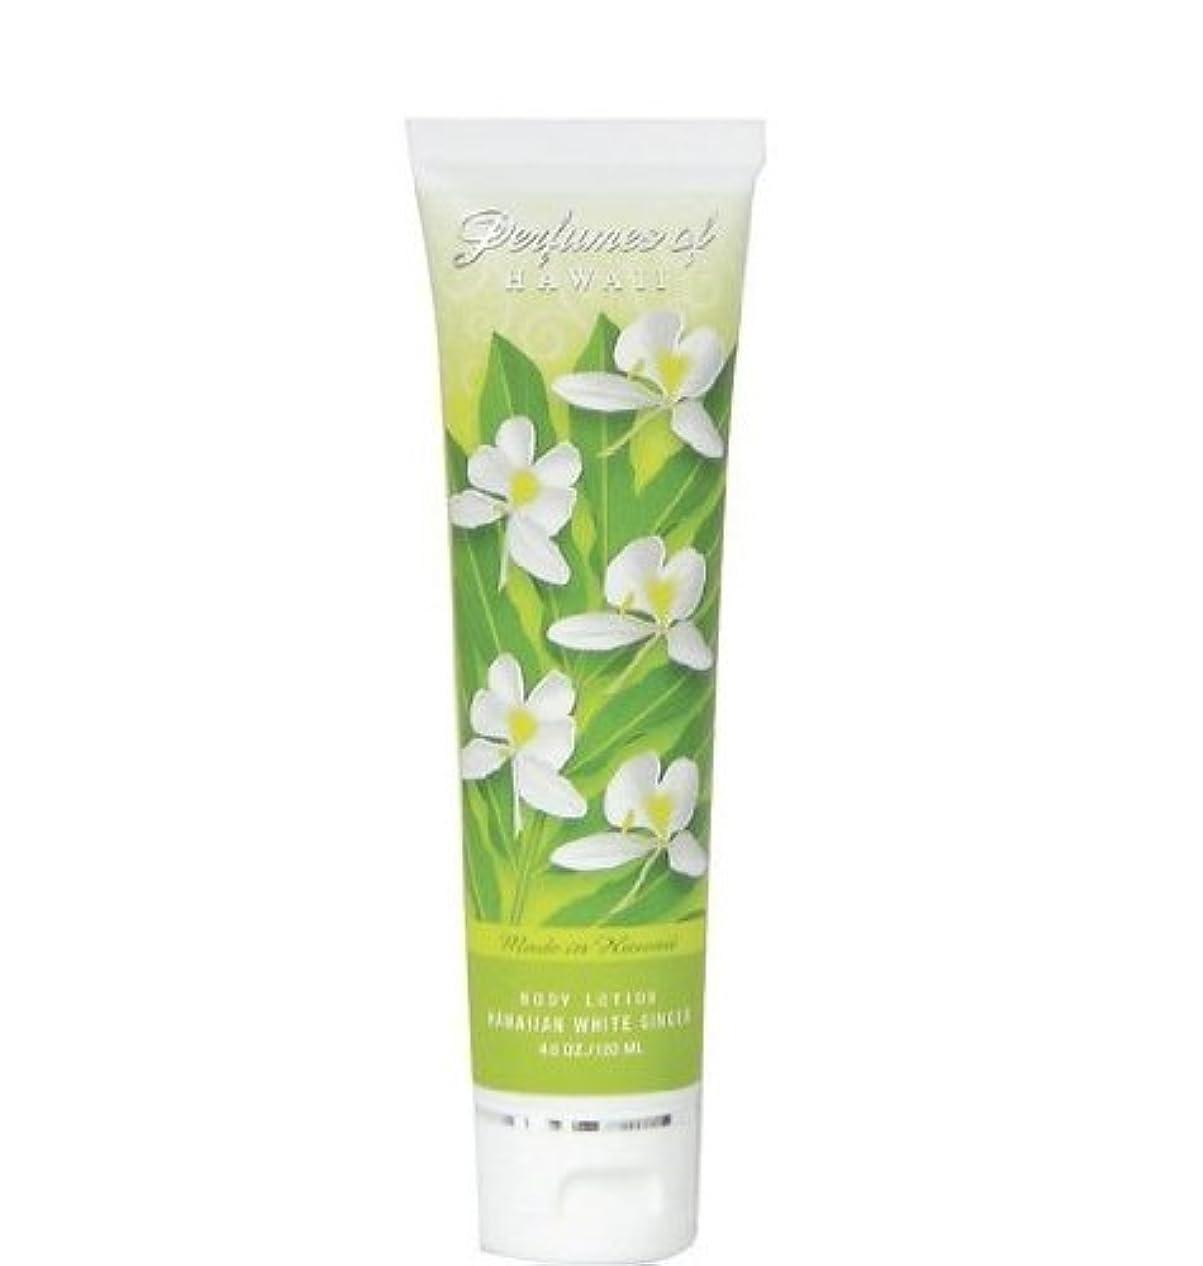 バトルオゾン捧げる【2本セット】ハワイ】ホワイトジンジャーボディーローション Hawaiian White Ginger Body Lotion - 4.0 Oz - Perfumes of Hawaii 海外直送品